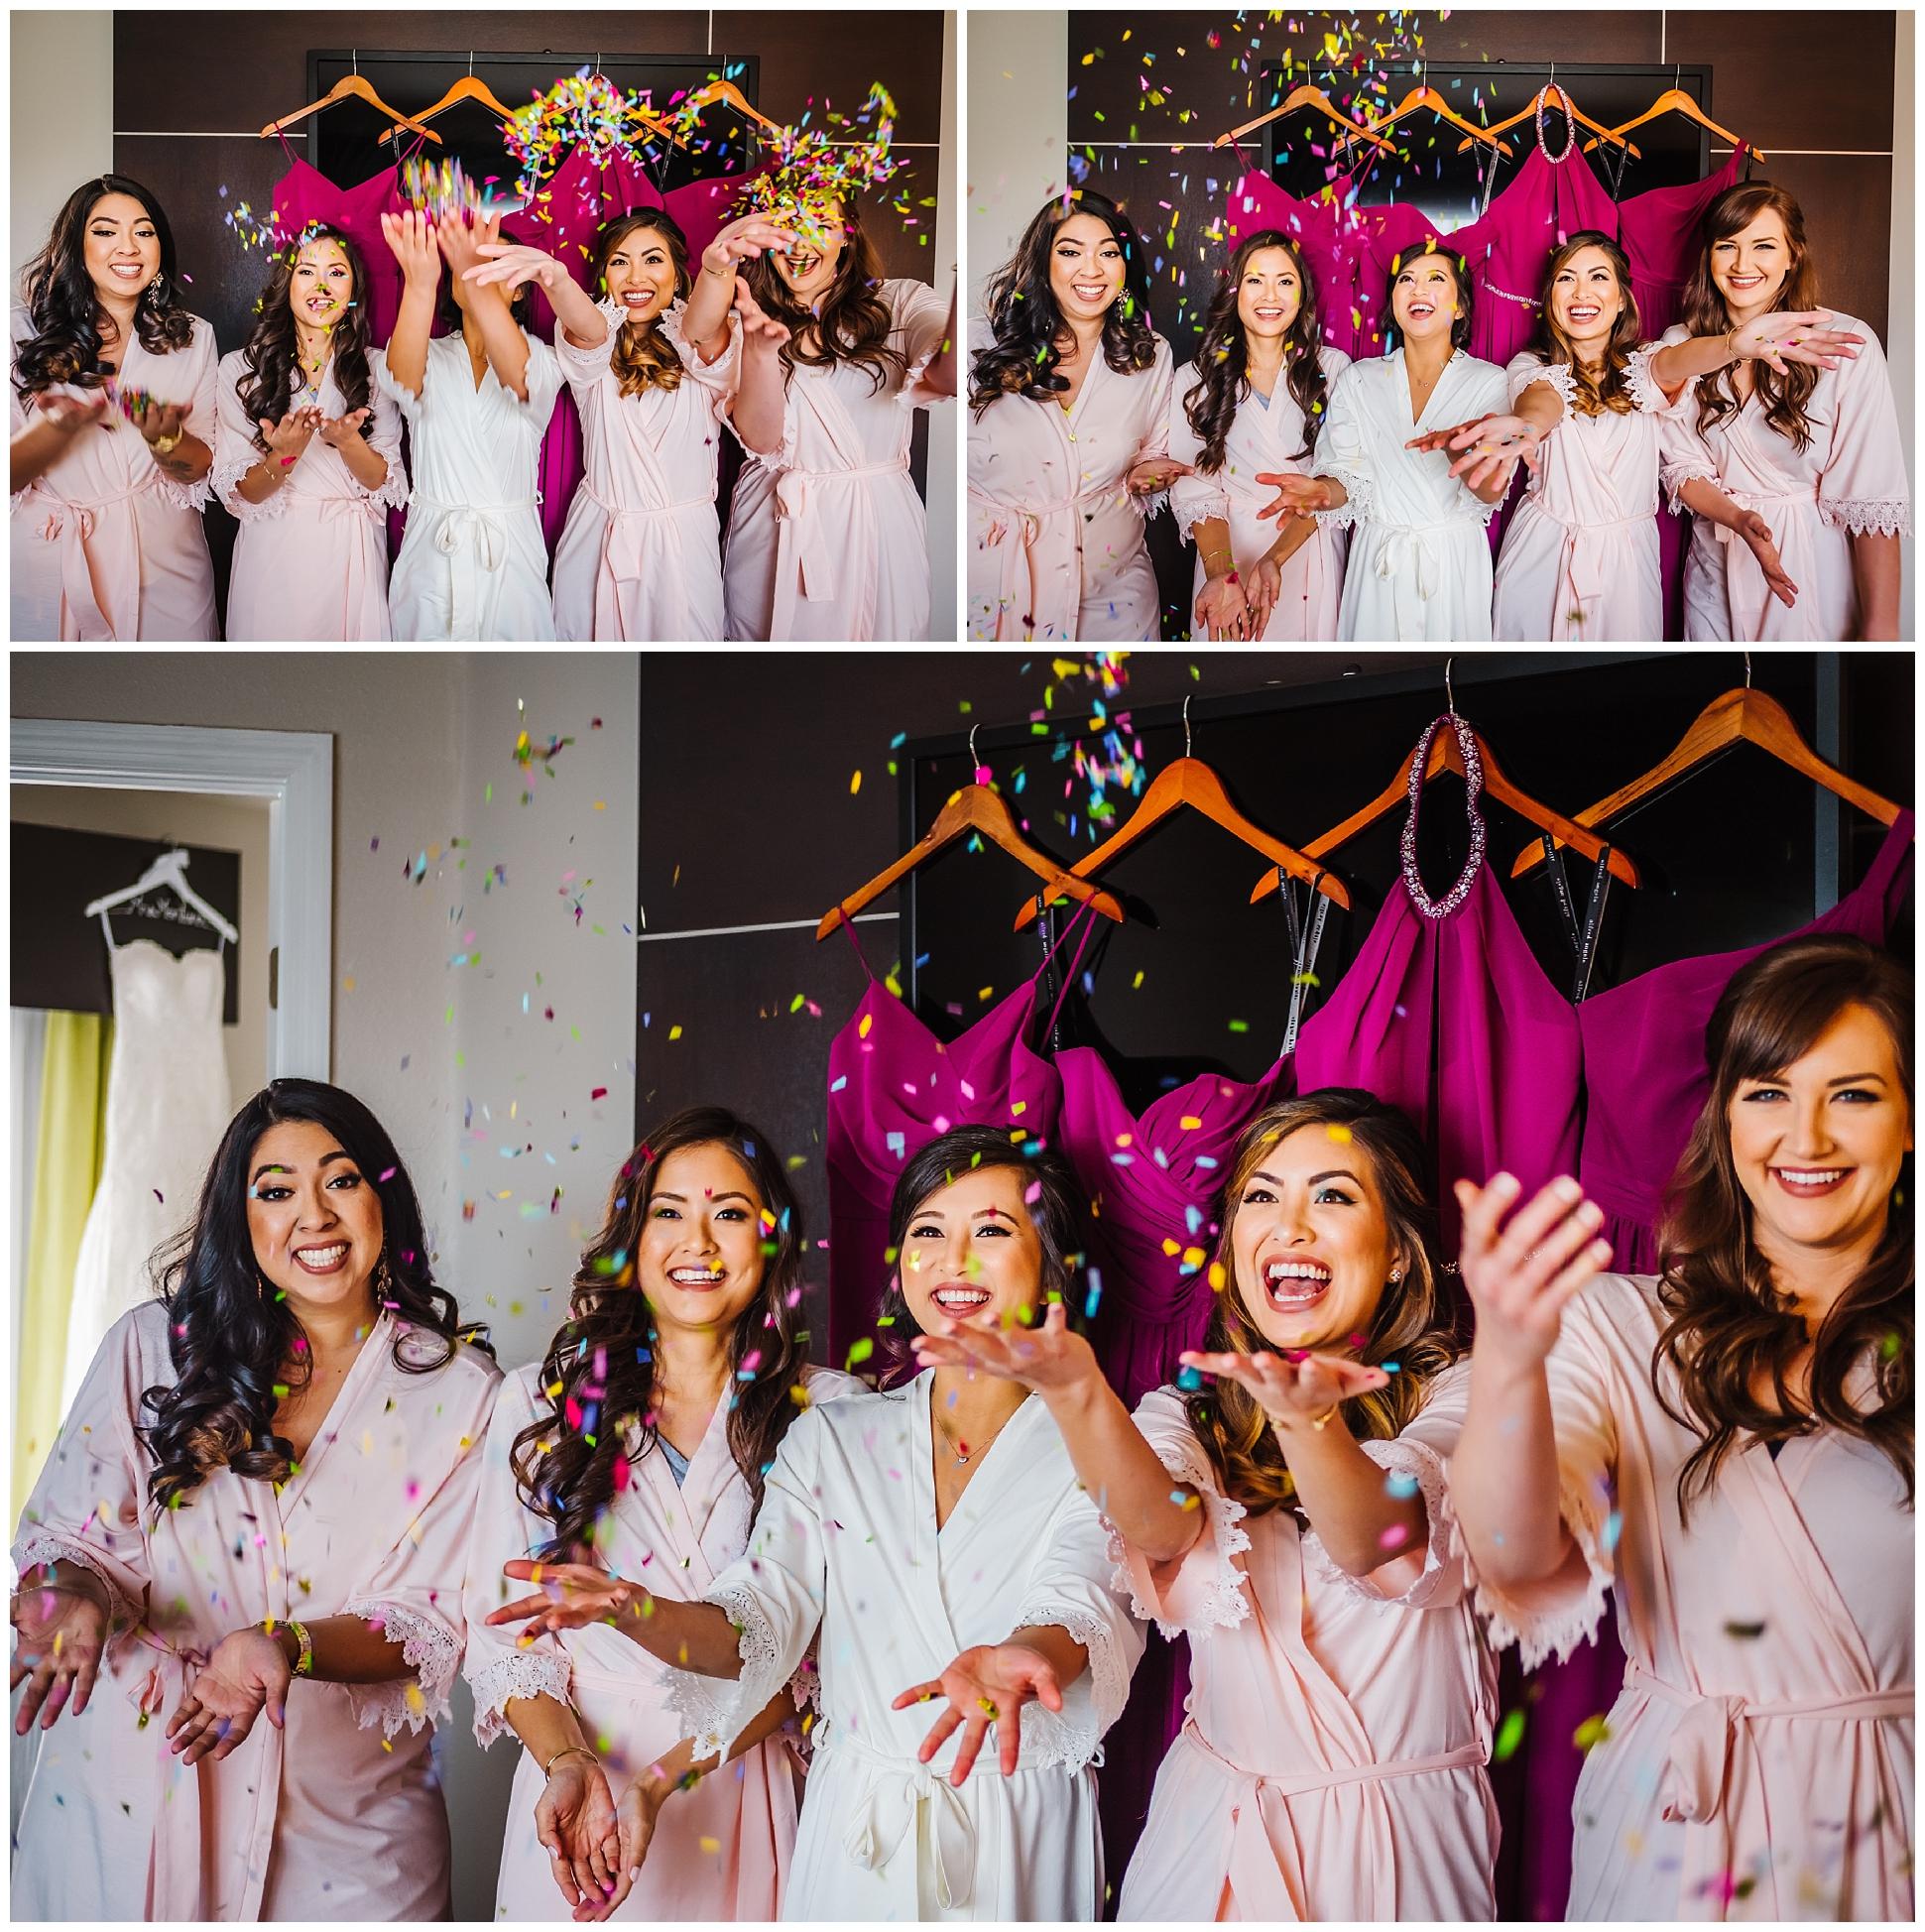 tampa-wedding-photographer-philipino-colorful-woods-ballroom-church-mass_0008.jpg